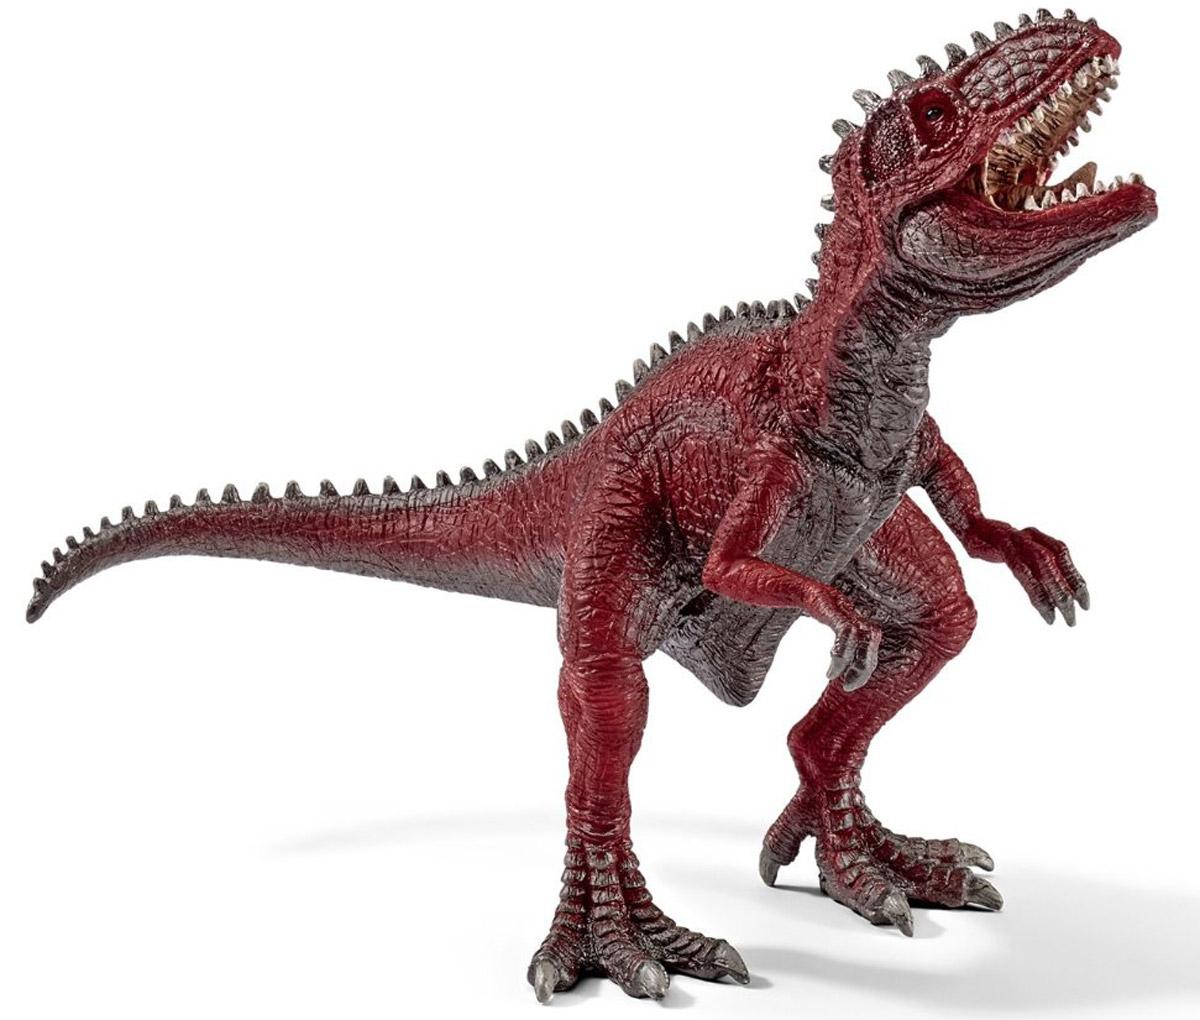 Schleich Фигурка Гигантозавр 1454814548Гигантозавр - гигантский динозавр мелового периода. Фигурка этого удивительного мощного динозавра приведет в восторг каждого ребенка или опытного коллекционера. Фигурка Schleich Гигантозавр выполнена очень детально, модель разработана совместно с биологами и очень похожа на прототип. Все фигурки Schleich выполнены вручную с прорисовкой мельчайших деталей с передачей текстуры и оттенков. Игрушка выполнена из гипоаллергенного пластика, безопасного для здоровья ребенка.